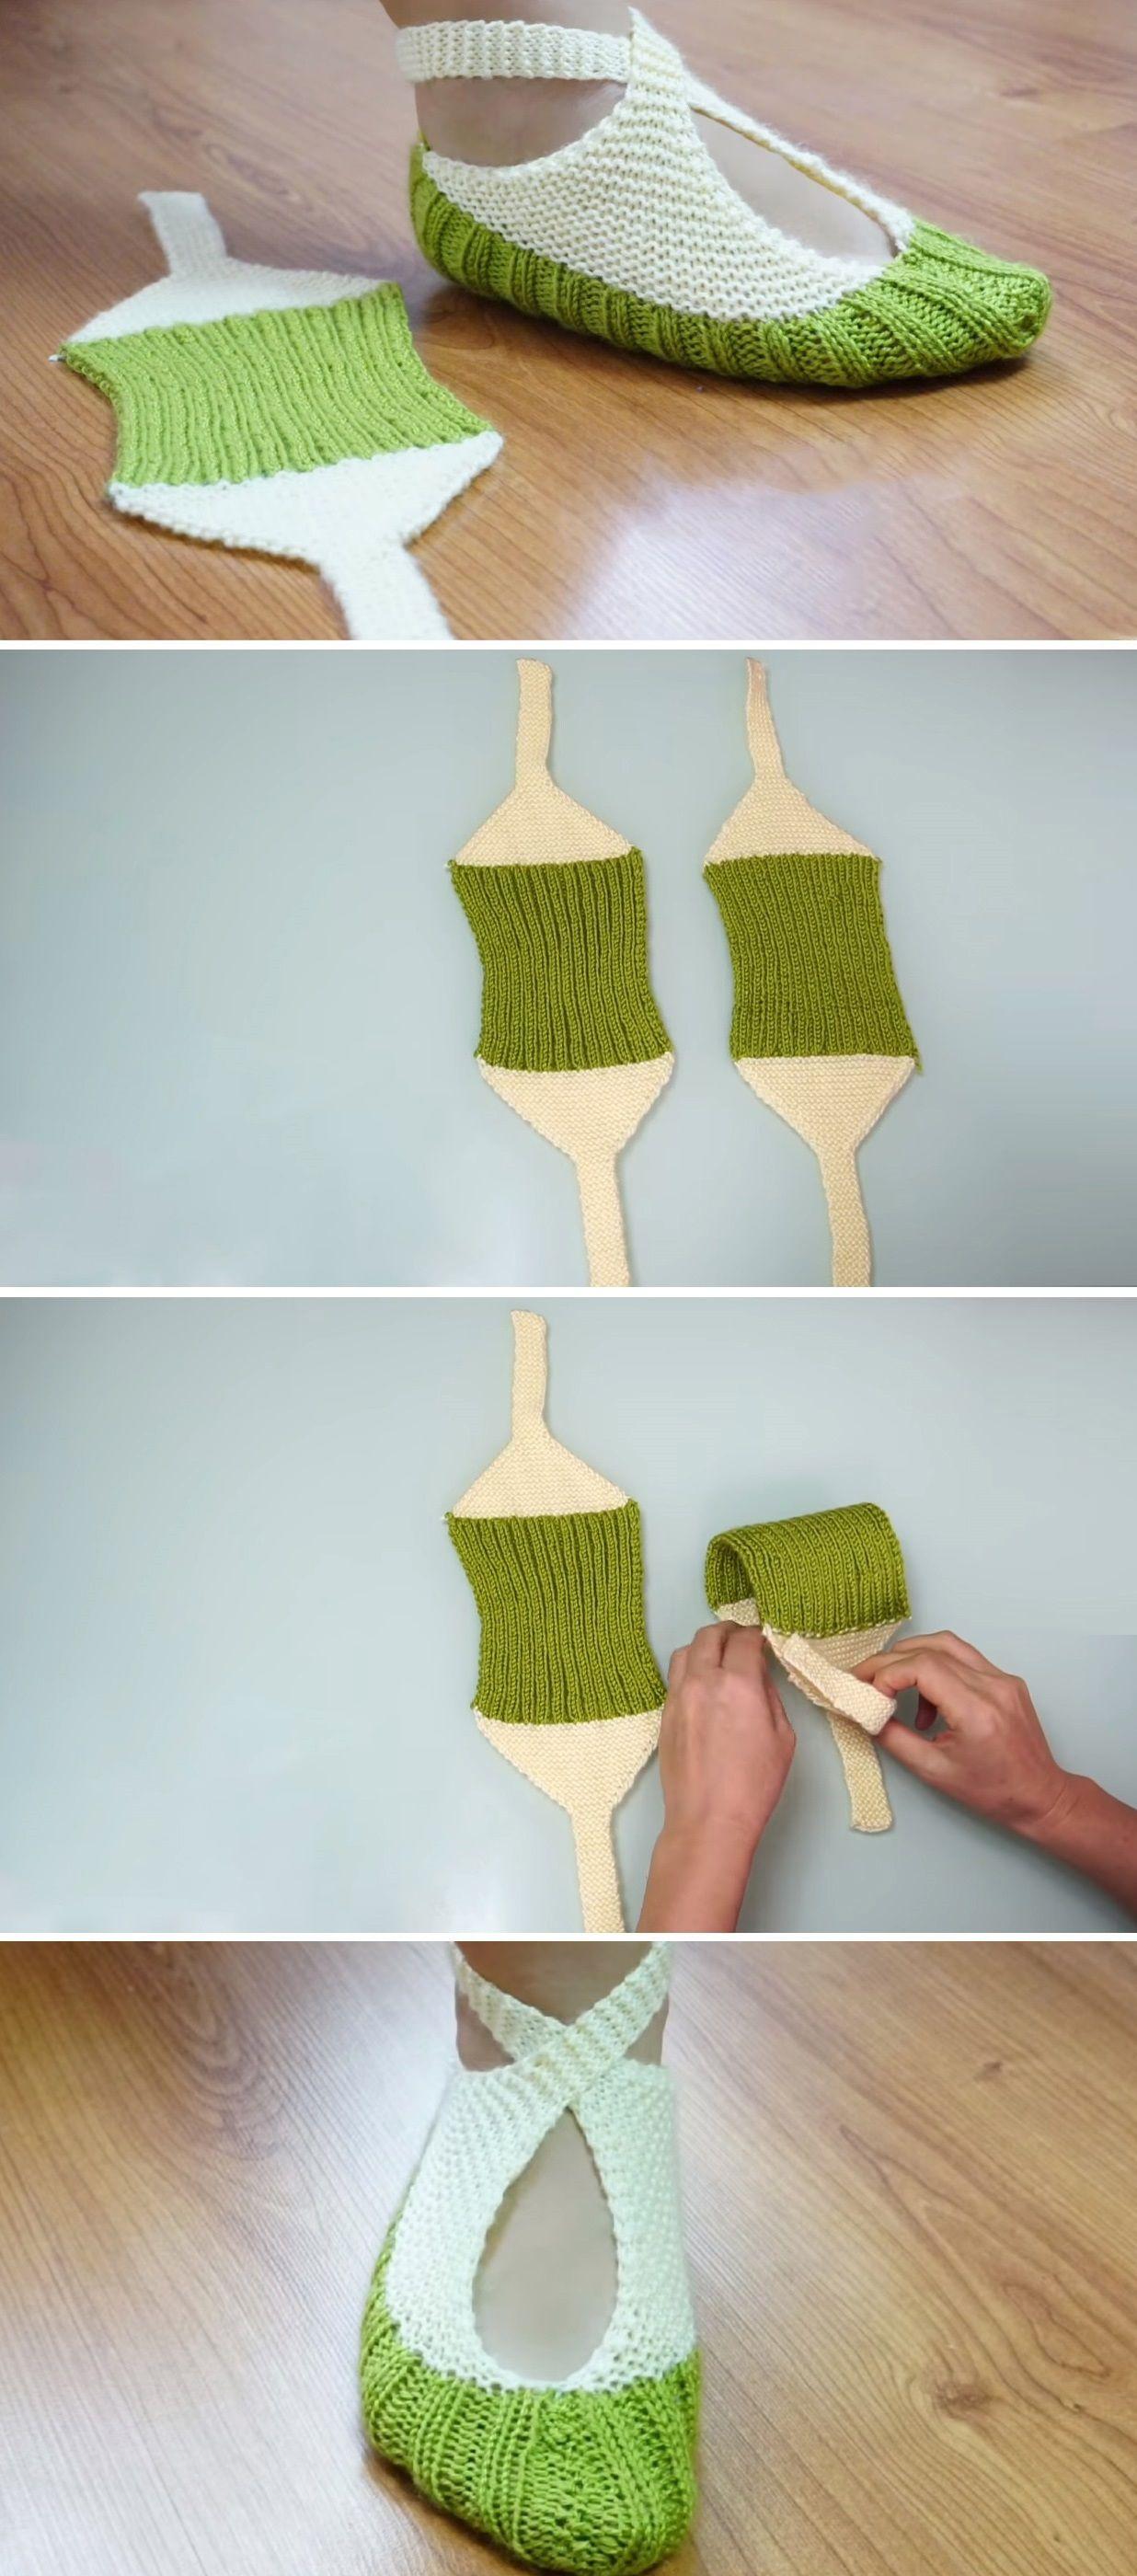 Slippers Tutorial – Very Easy to Make | tejidoen dosagujas ...